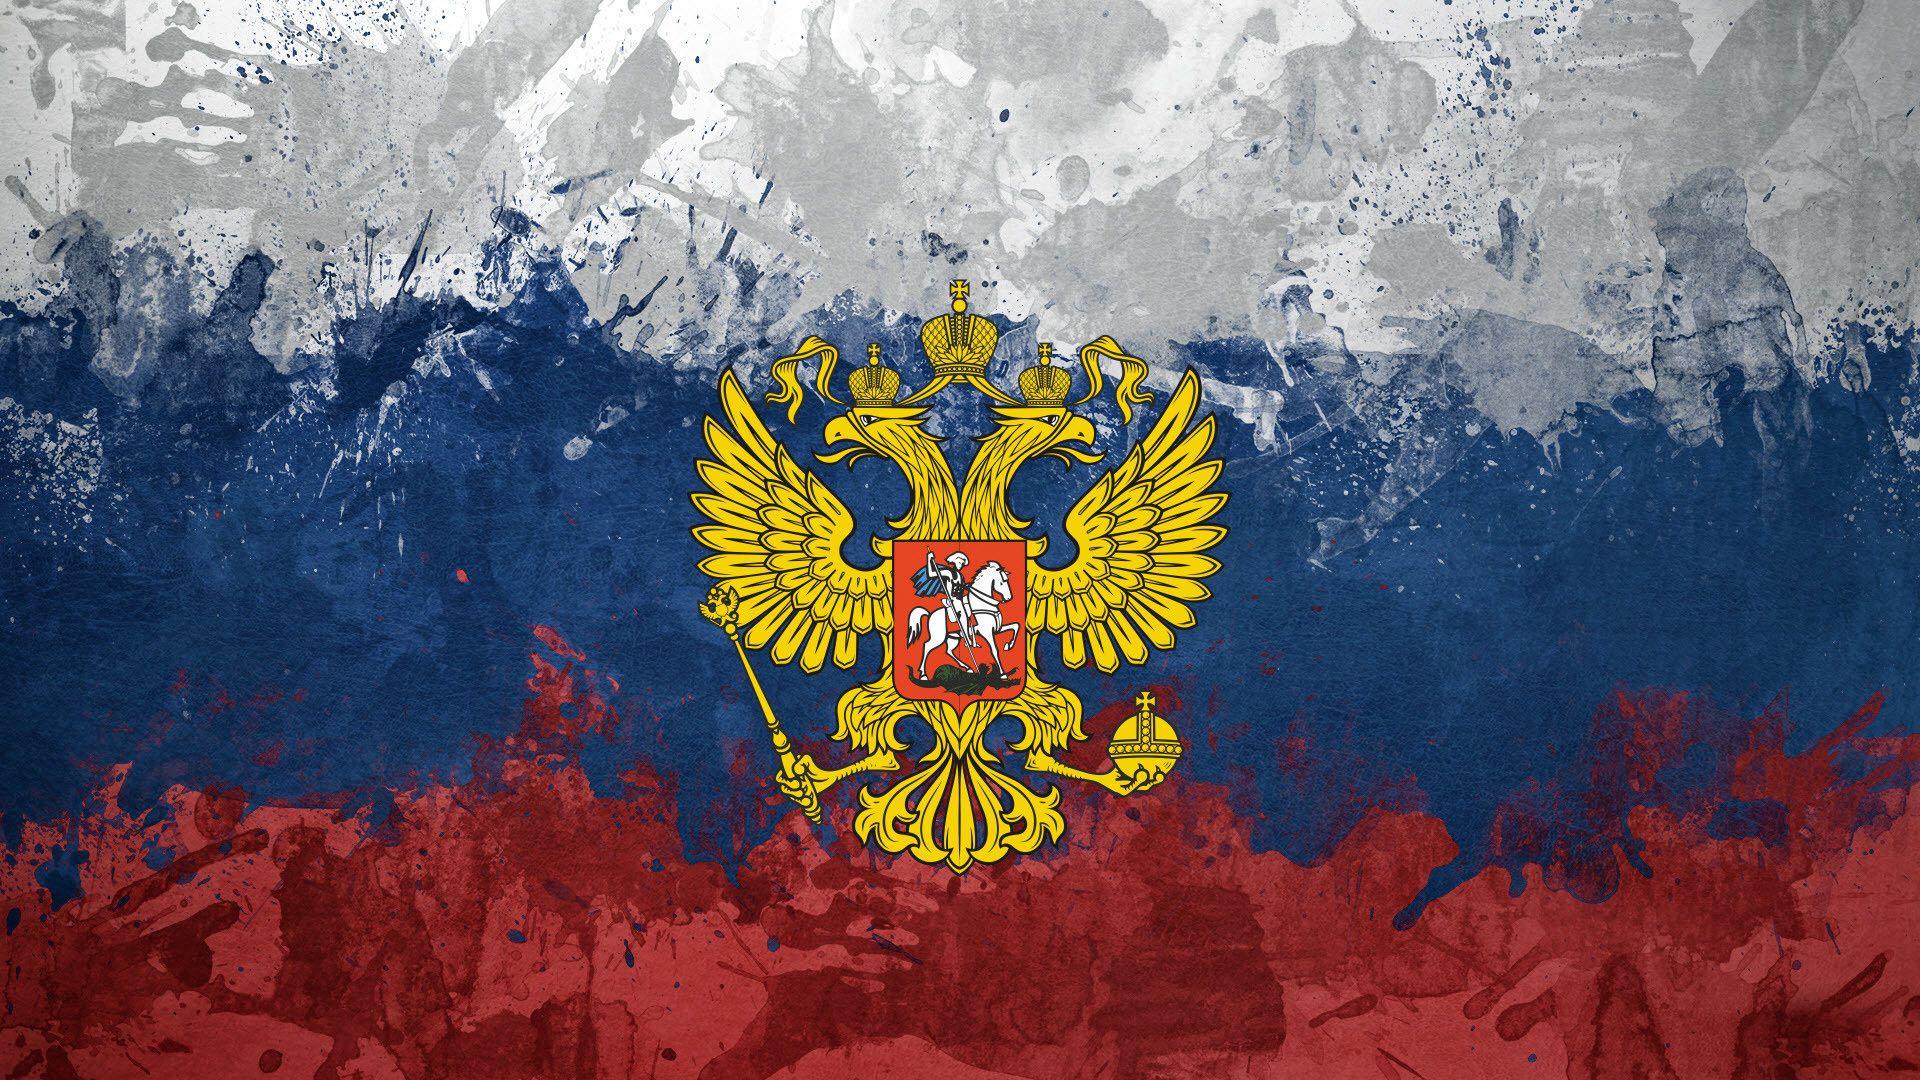 Russian Church Hd Desktop Wallpaper Widescreen High